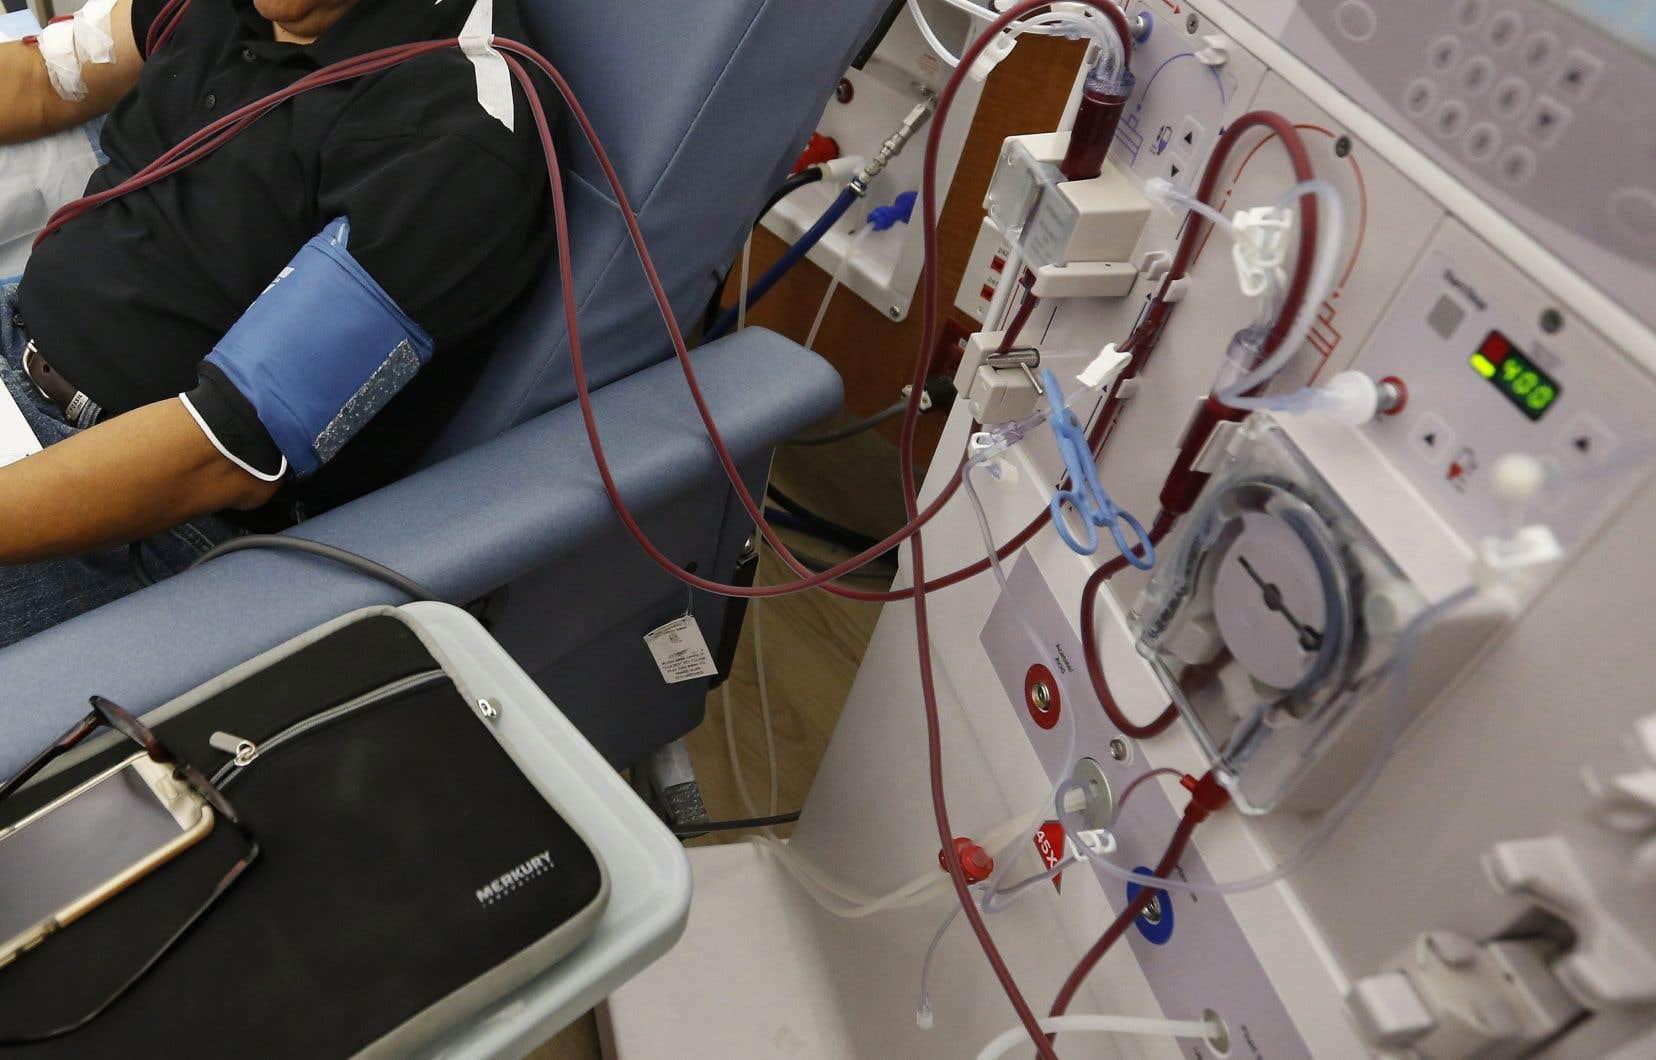 La dialyse consiste à nettoyer le sang des déchets alimentaires accumulés ainsi qu'à retirer les liquides qui se mêlent au sang chez un patient dont les reins ne sont plus en mesure d'effectuer le travail de filtration.